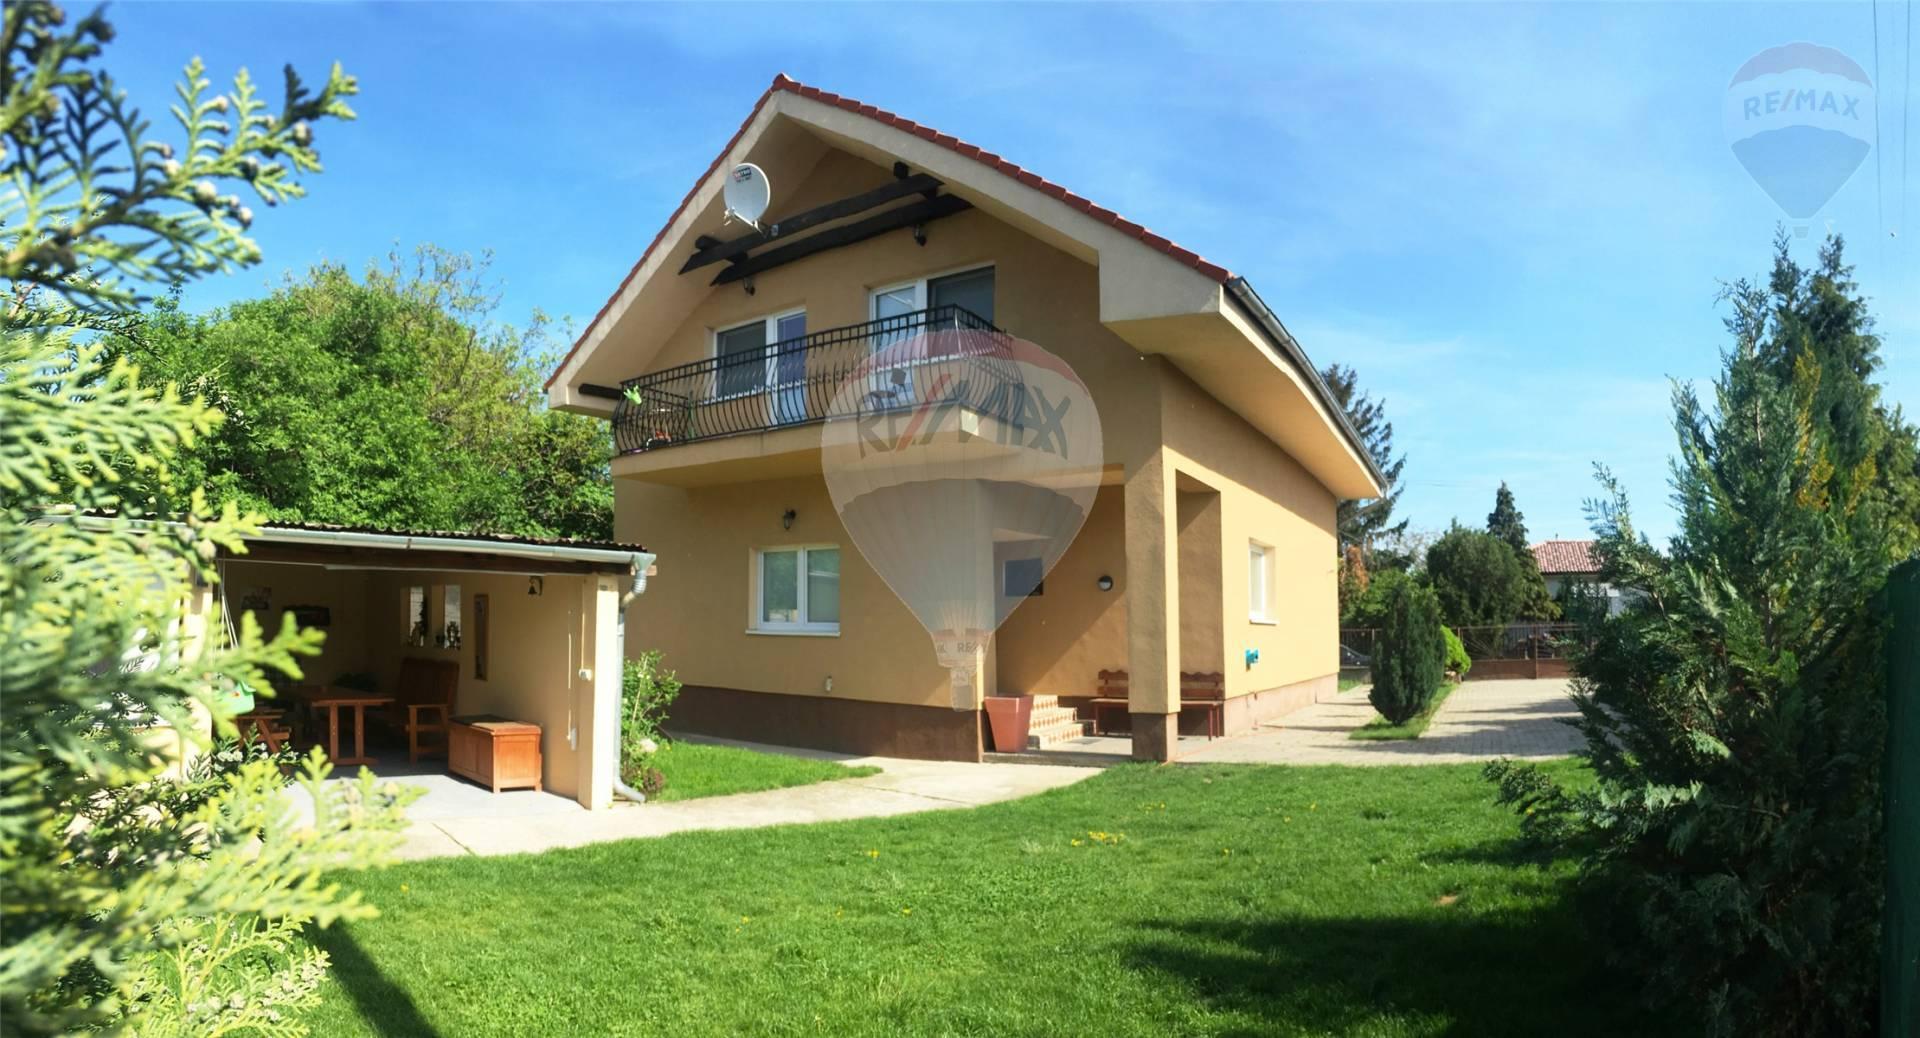 Predaj 5 izbového rodinného domu na 6,5 árovom pozemku, Podunajské Biskupice